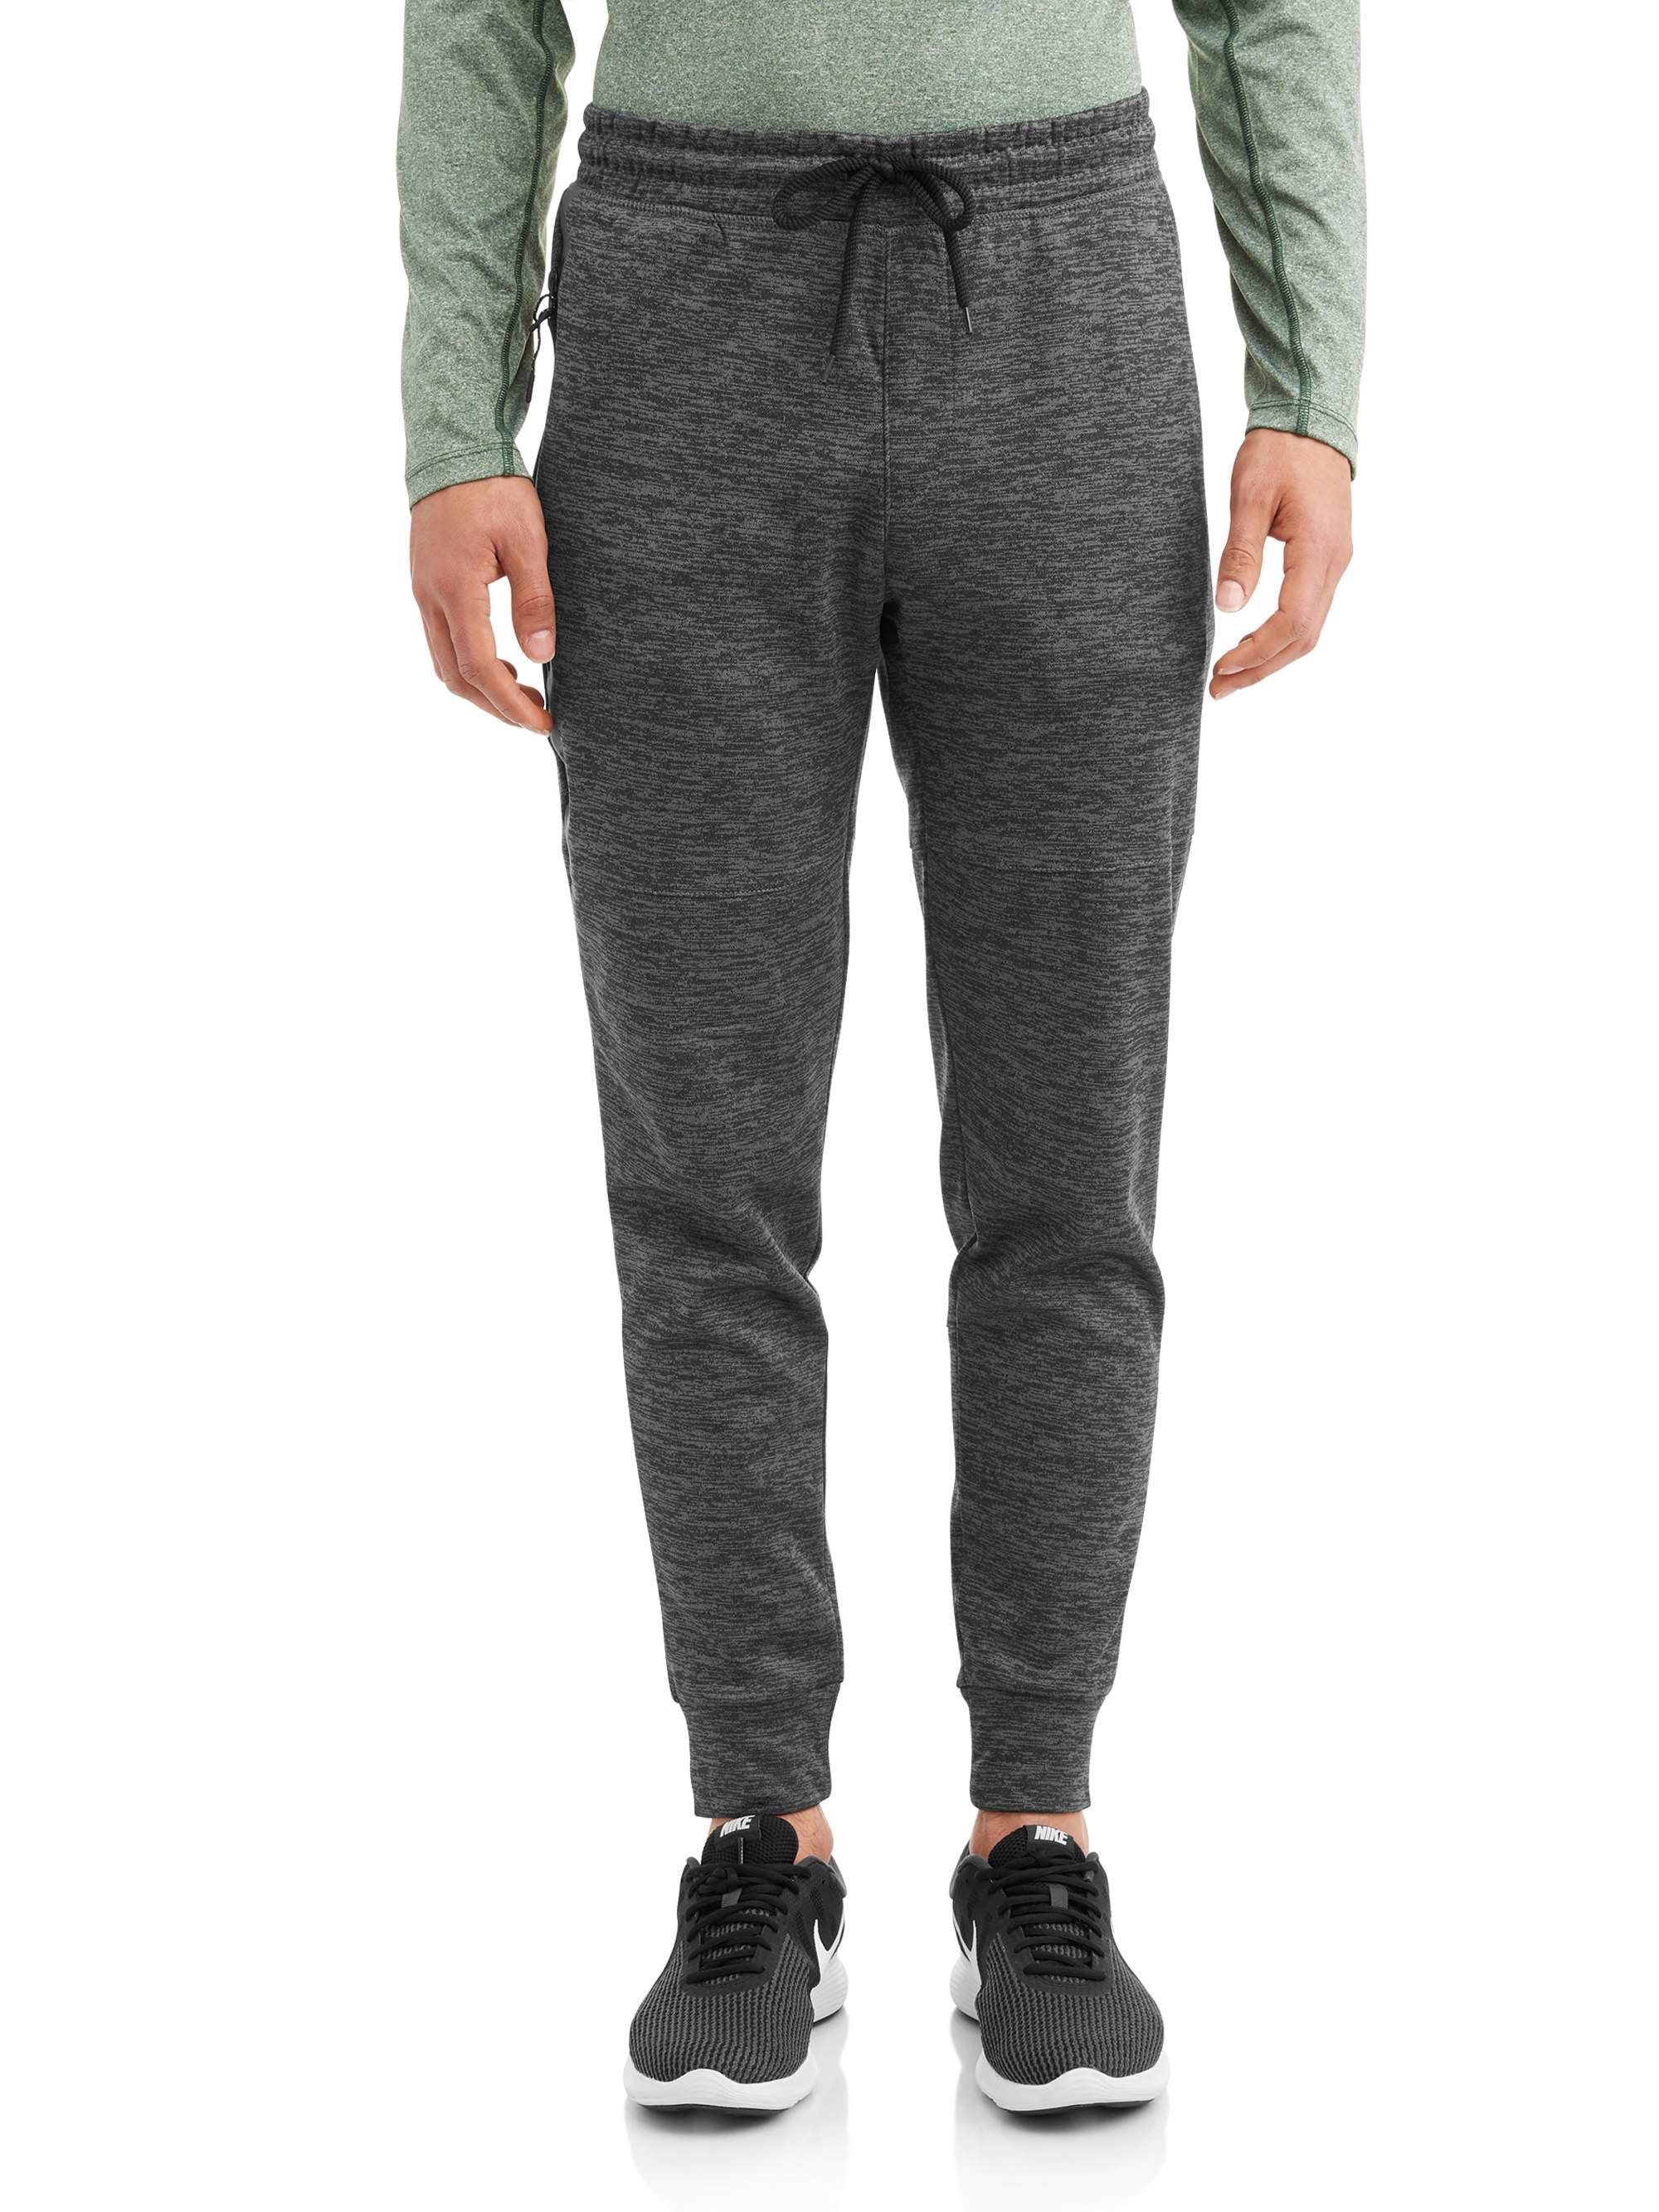 Men's Tech Fleece Jogger with Reflective Bonded Pocket